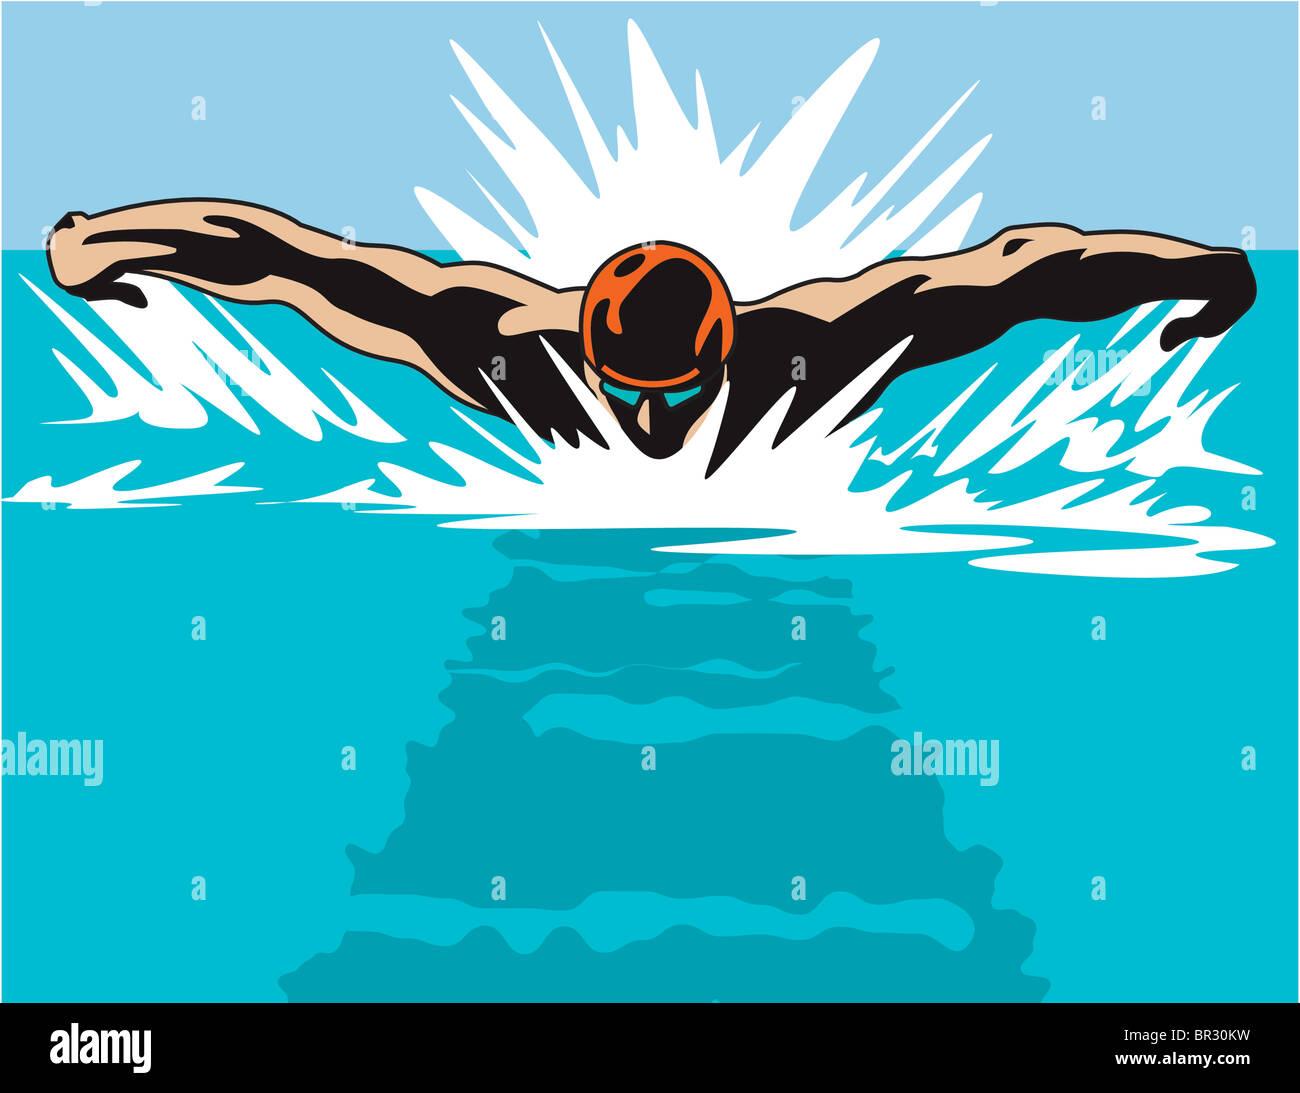 Uma ilustração de um nadador a partir de uma cabeça em perspectiva Imagens de Stock